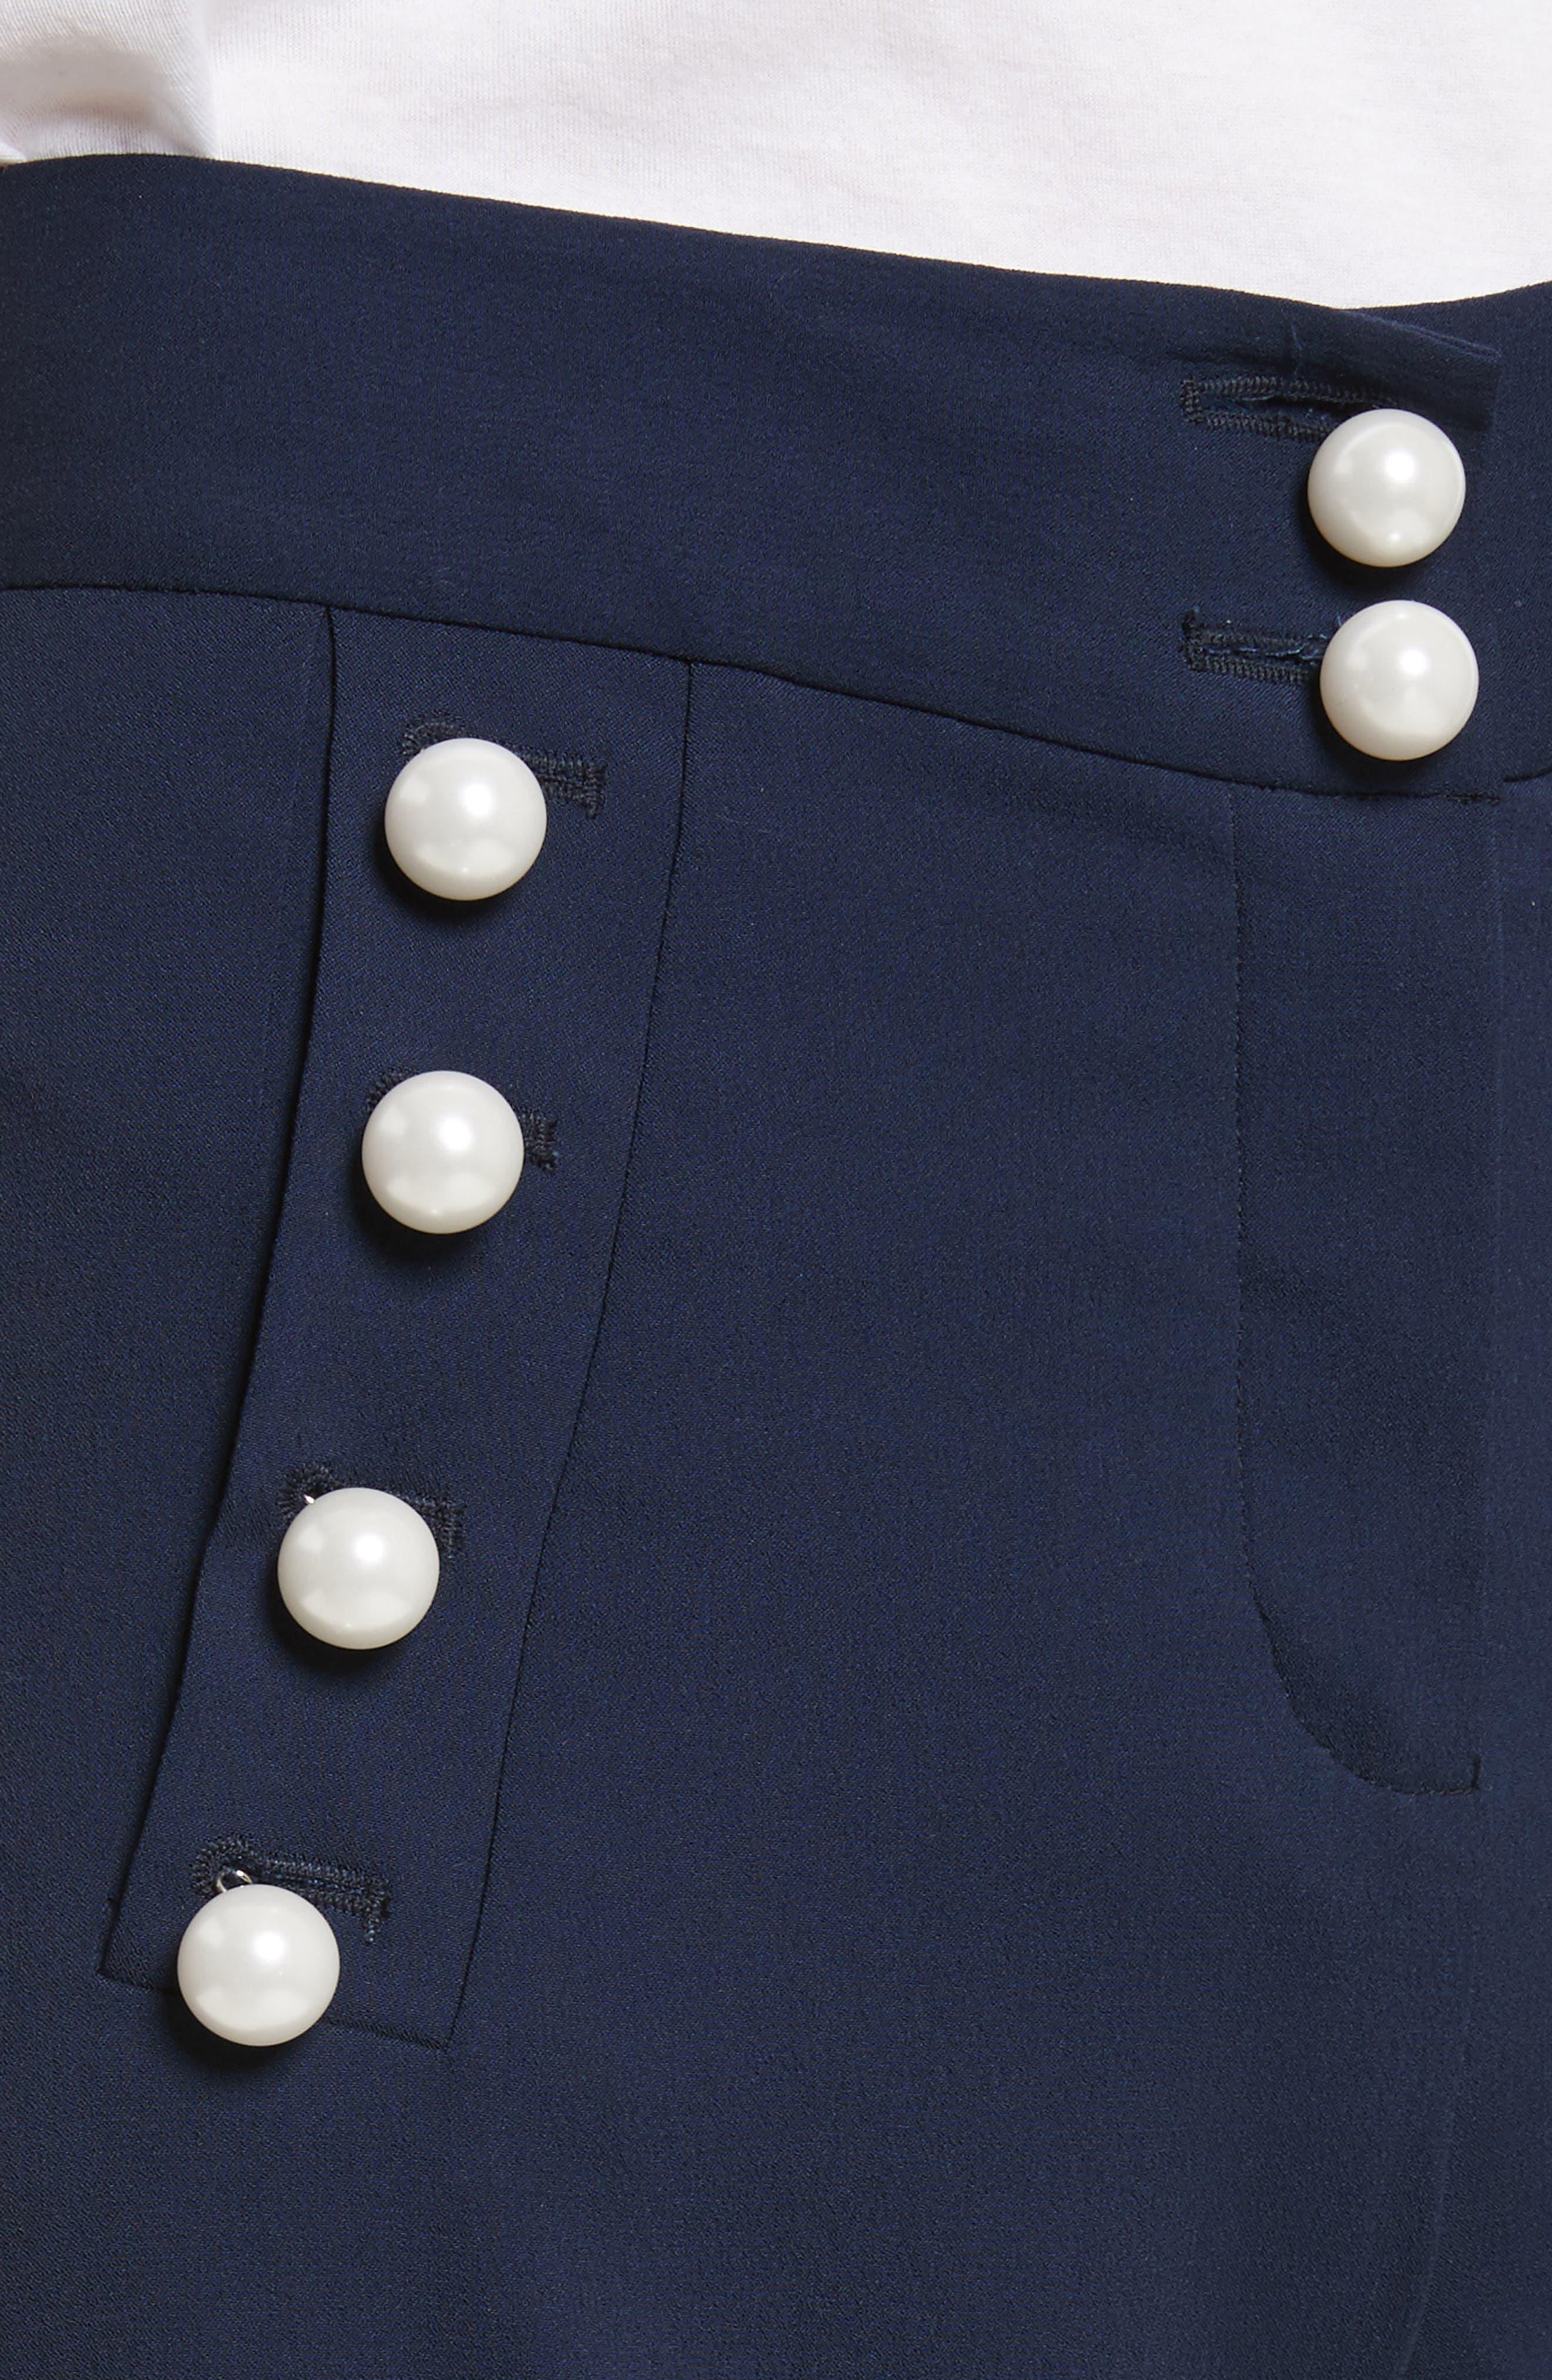 Adley Sailor Pants,                             Alternate thumbnail 4, color,                             410